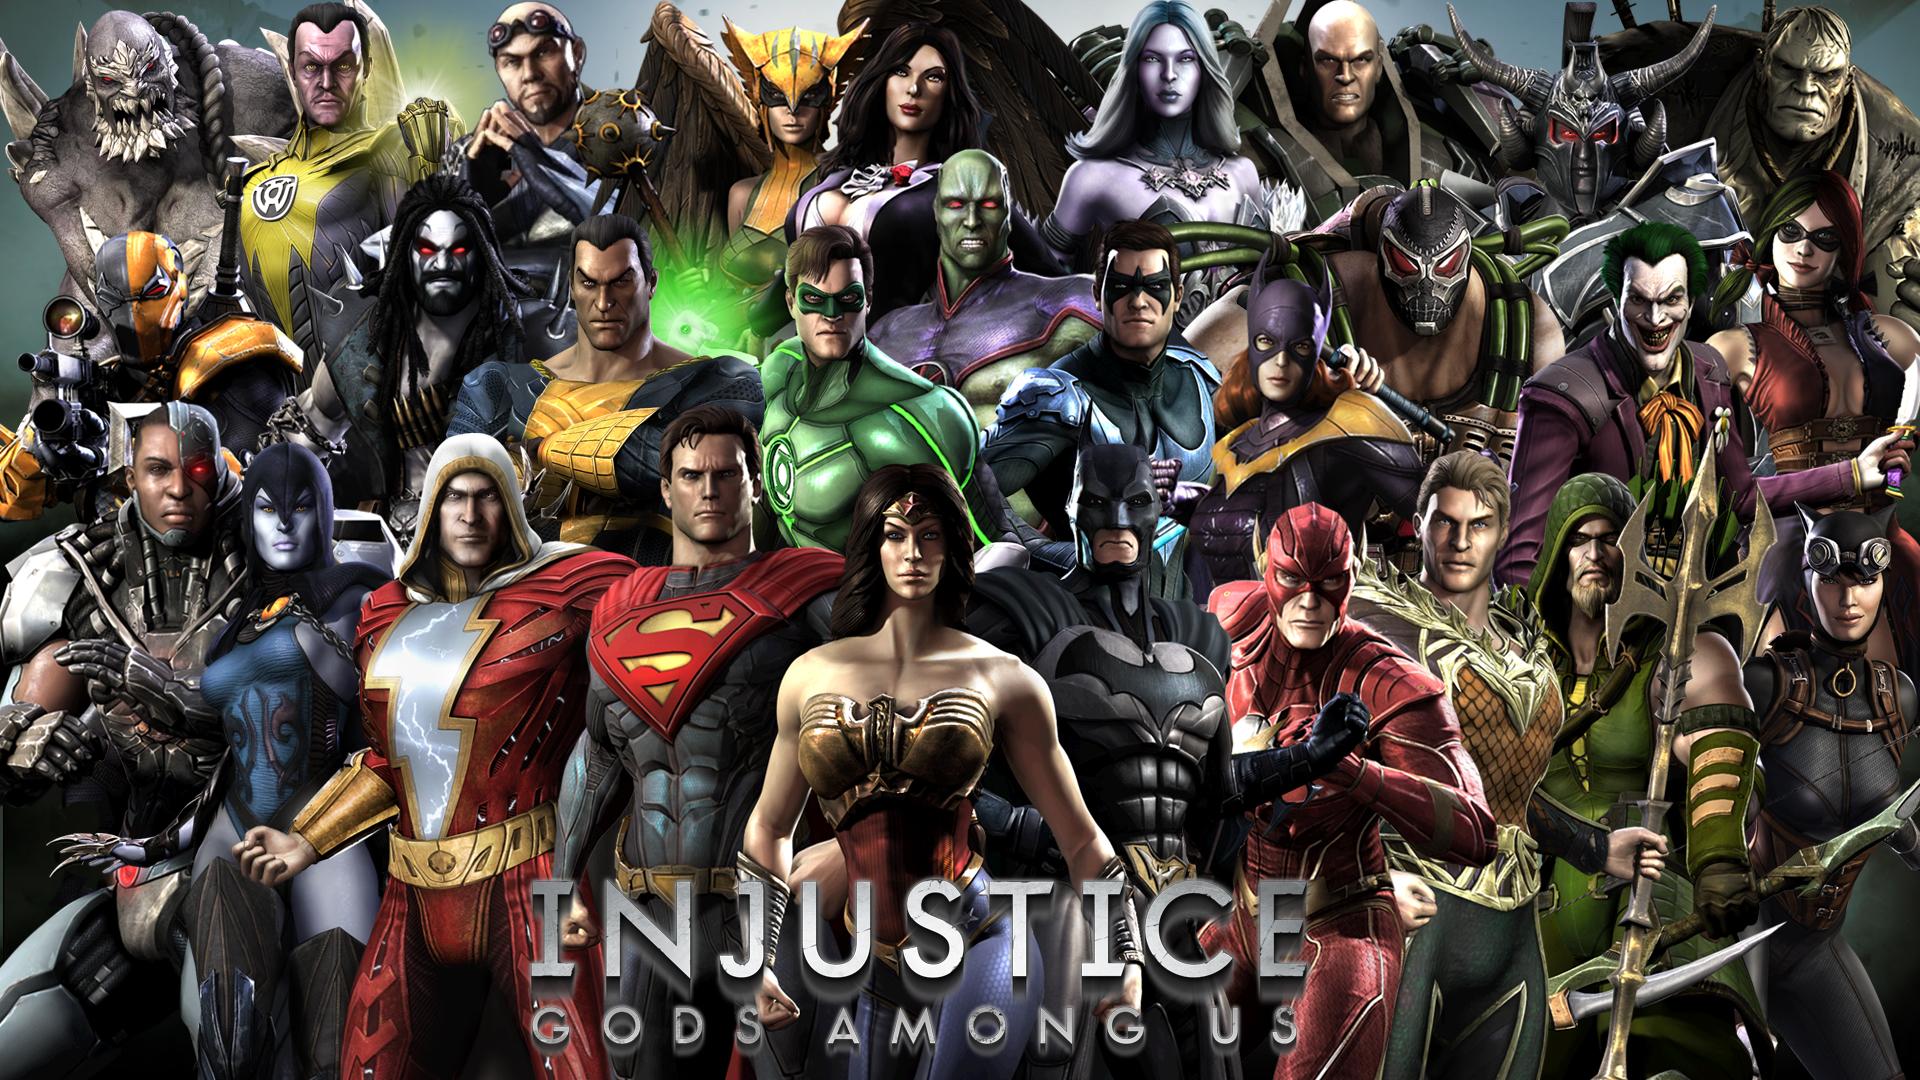 injustice__gods_among_us_by_sblister-d5yok5j-1